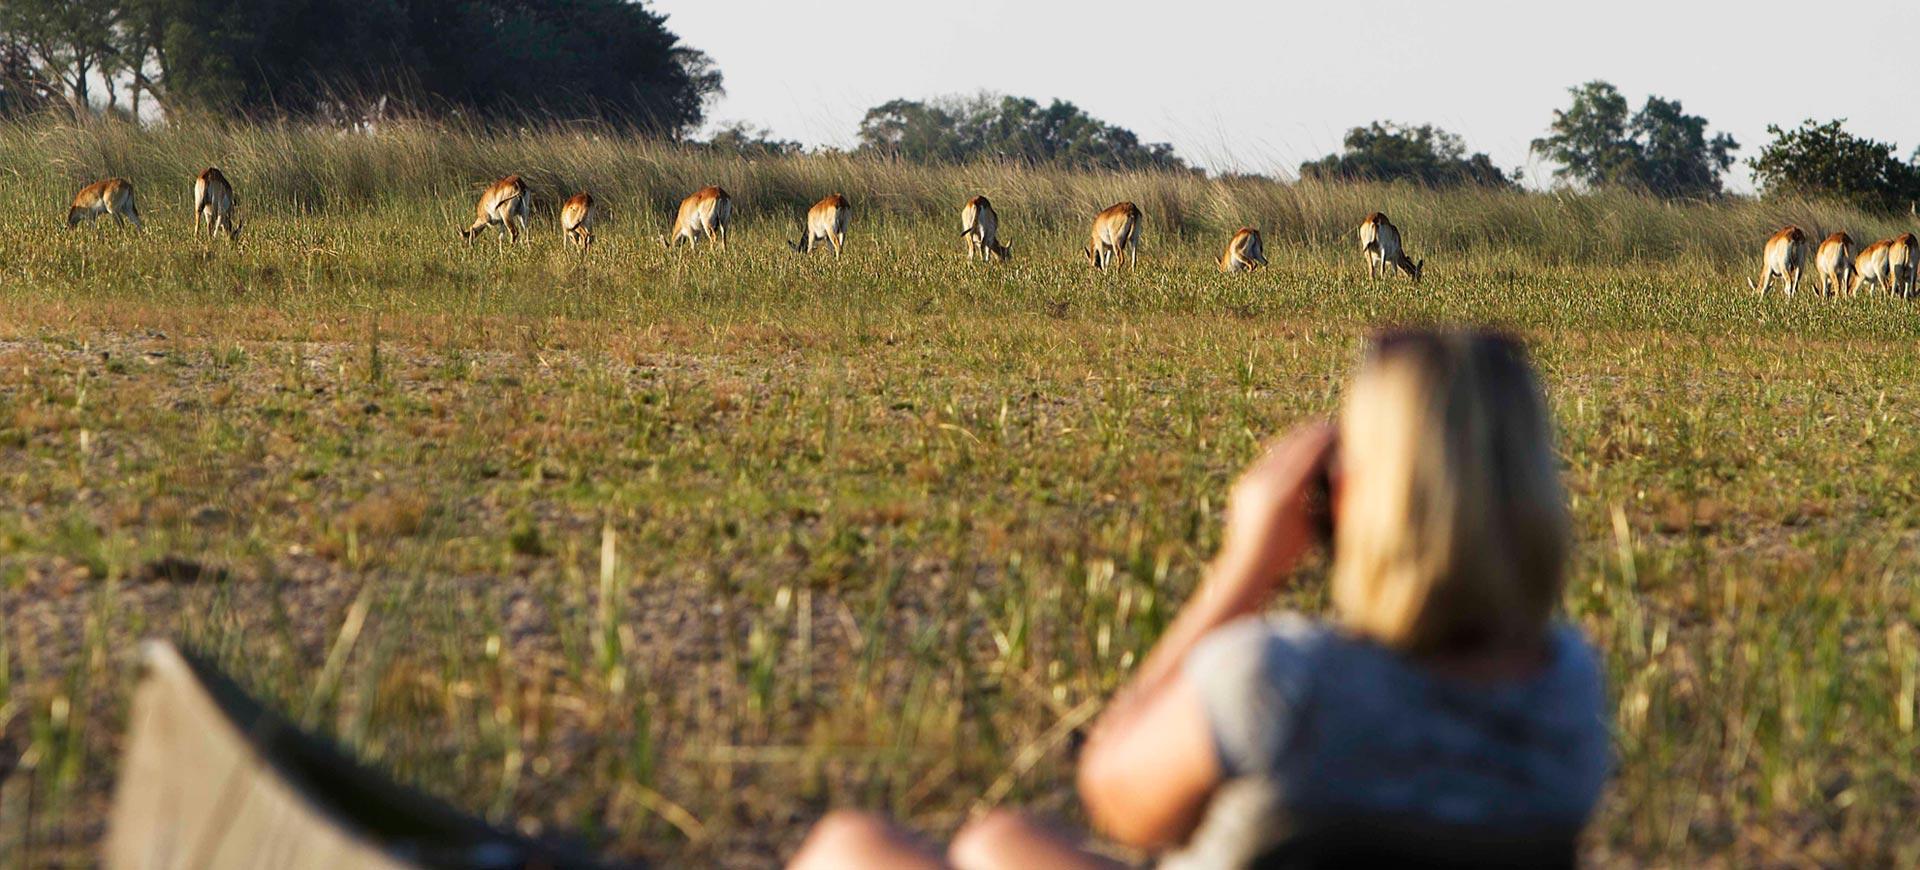 Mokoro Activity Okavango